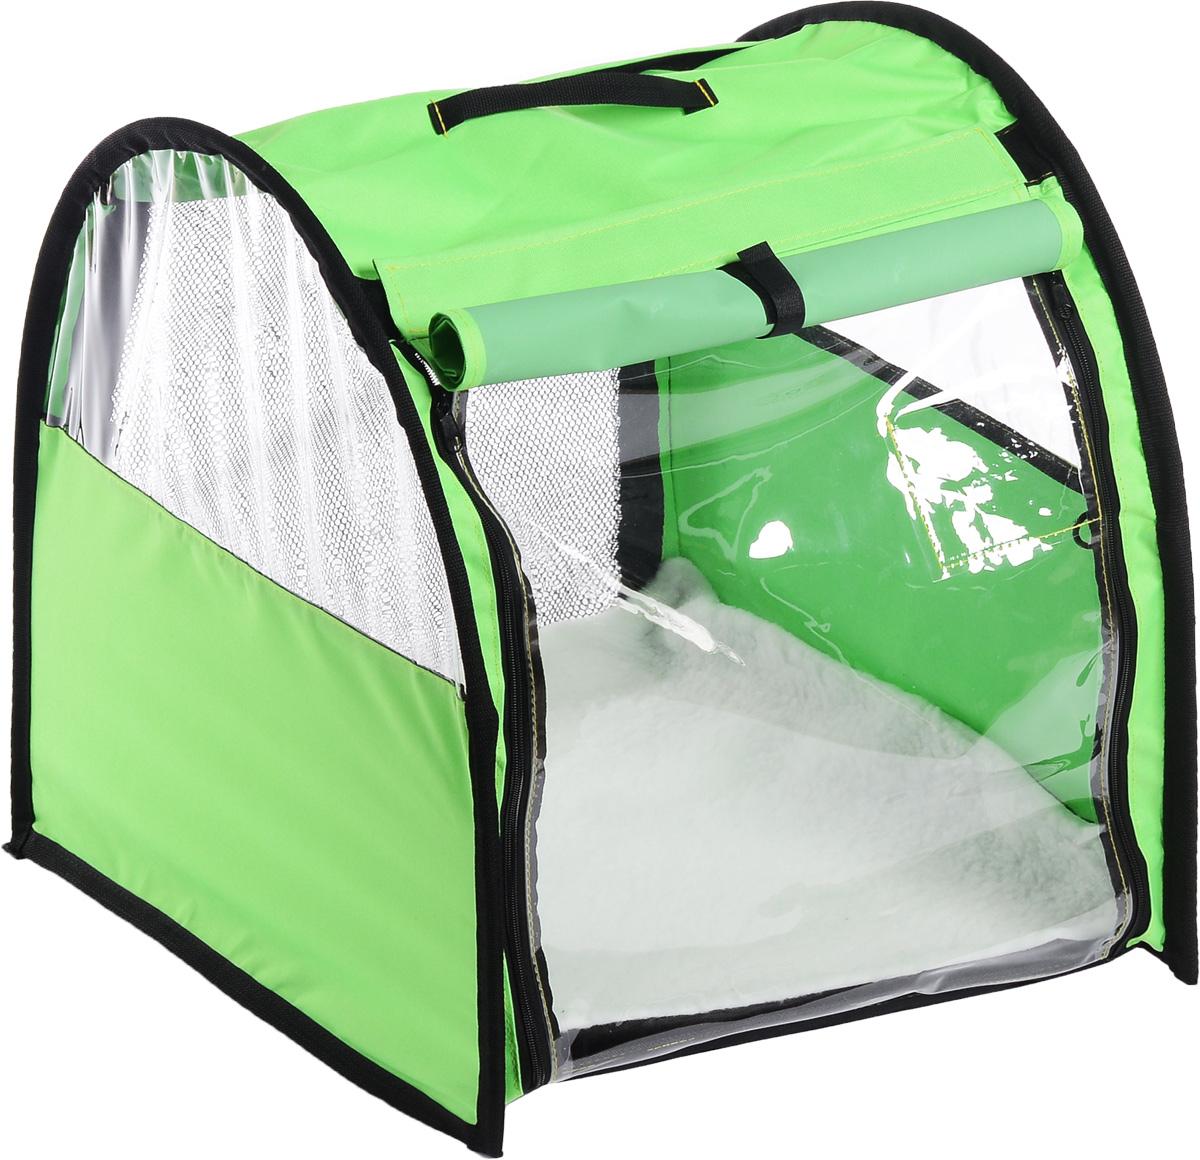 Клетка выставочная  Elite Valley , полукруглая, одинарная, цвет: зеленый, черный, прозрачный, 60 х 49 х 62 см - Клетки, вольеры, будки